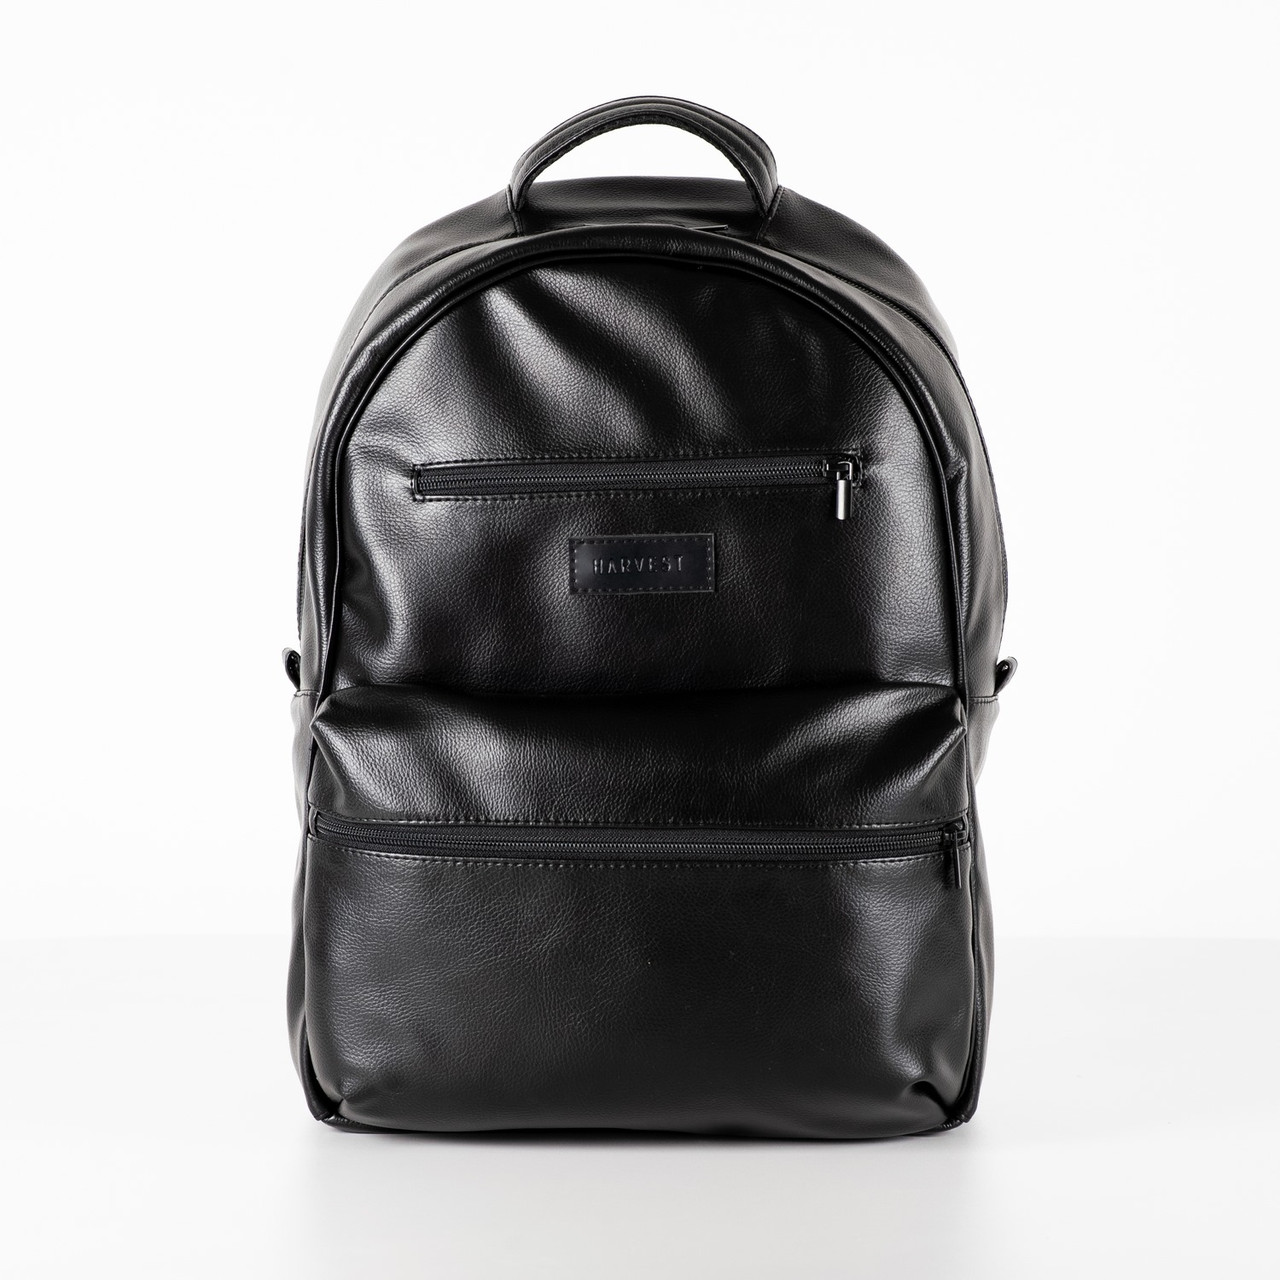 Модний рюкзак HARVEST Tipoleather чорний 44x30x12 см. 17 л. відділення для ноутбука екошкіра